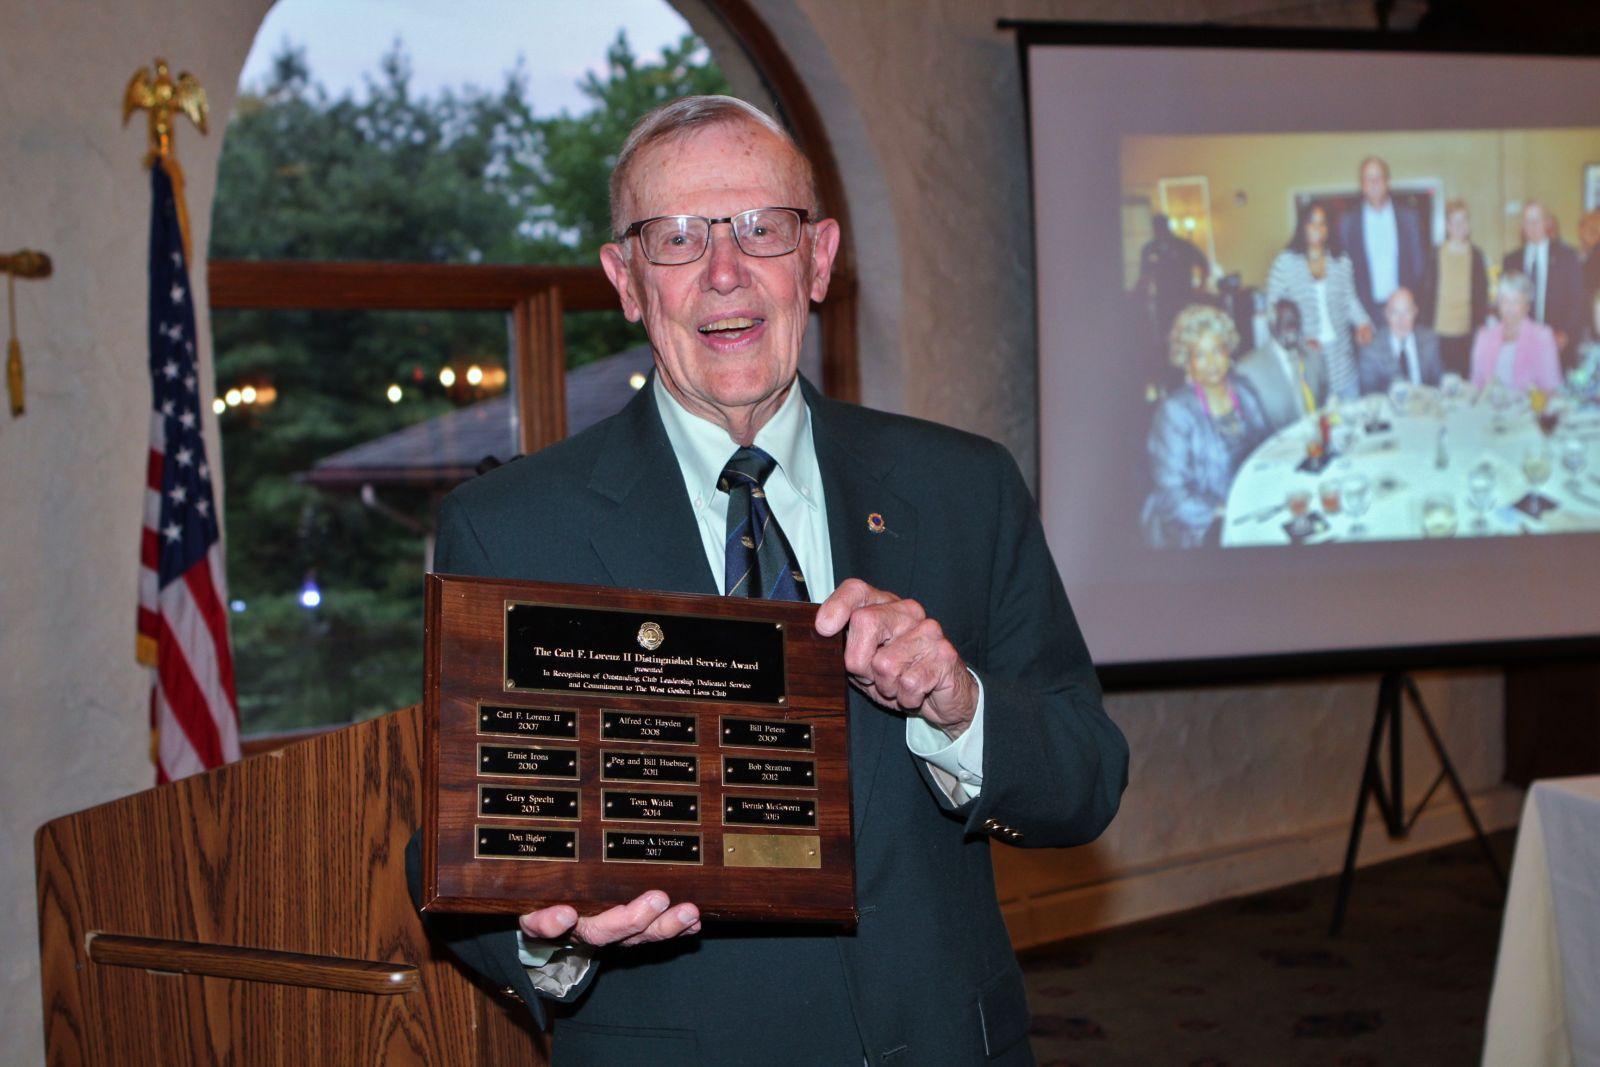 Carl Lorenz II Award